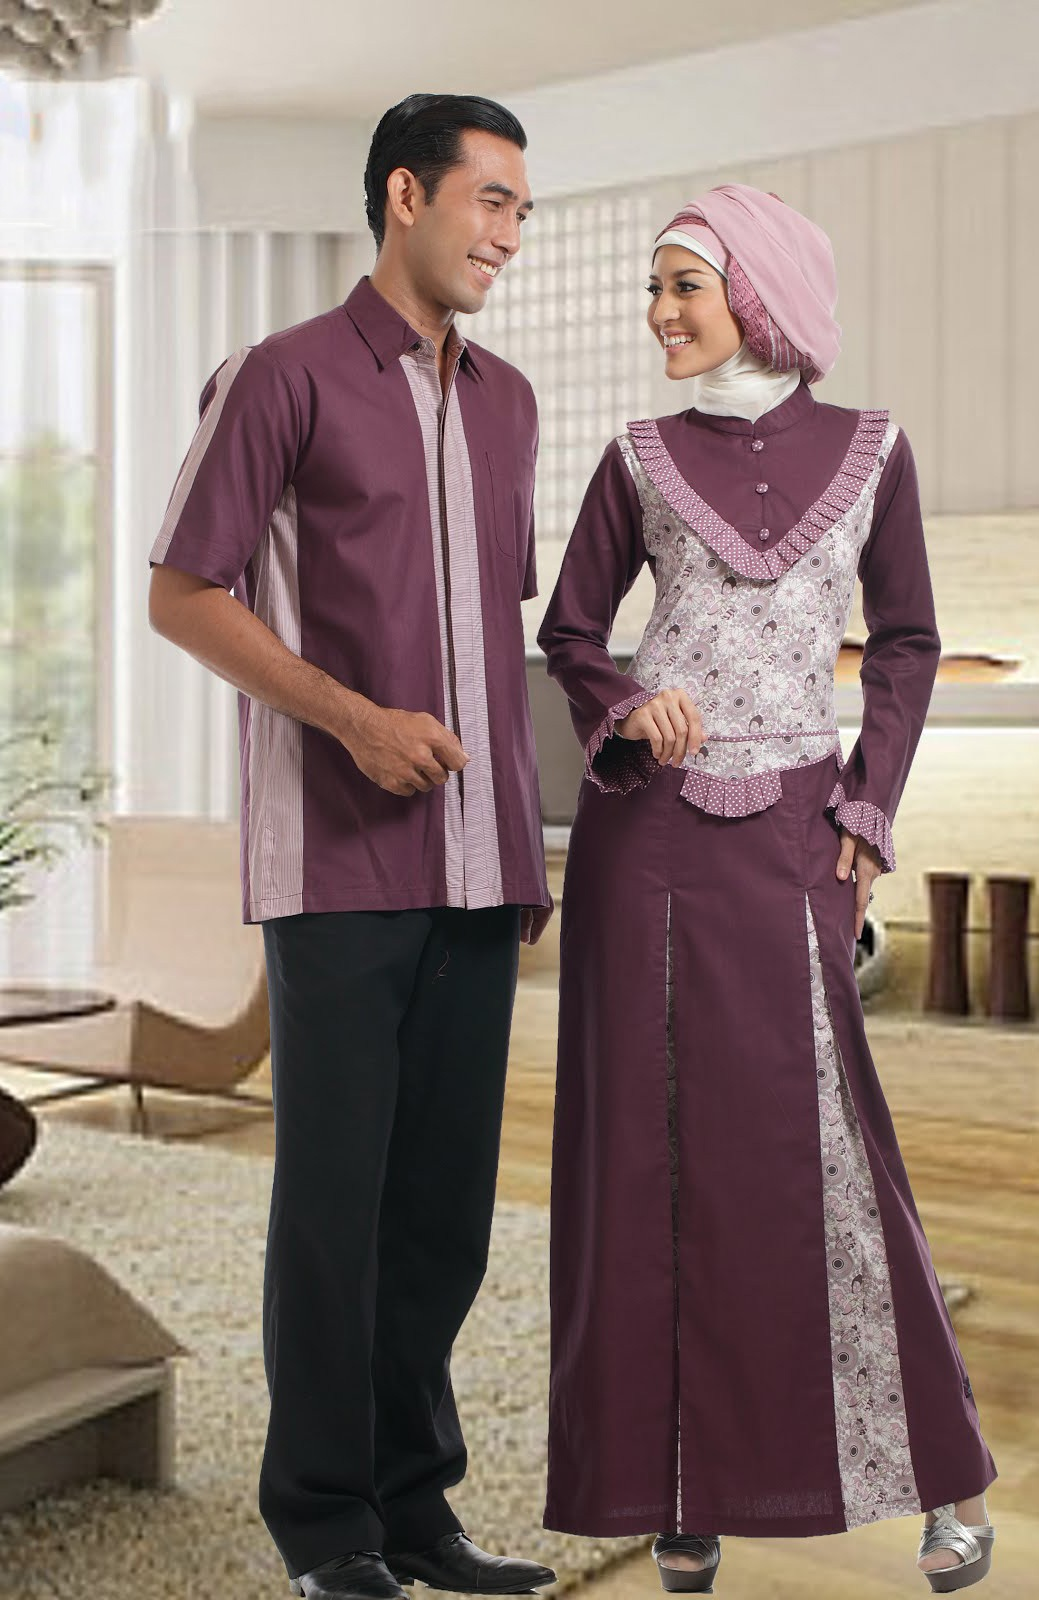 Fashion 2017 untuk lebaran - Baju Gamis Batik Menjadi Yang Trend Gamis Muslim 2013